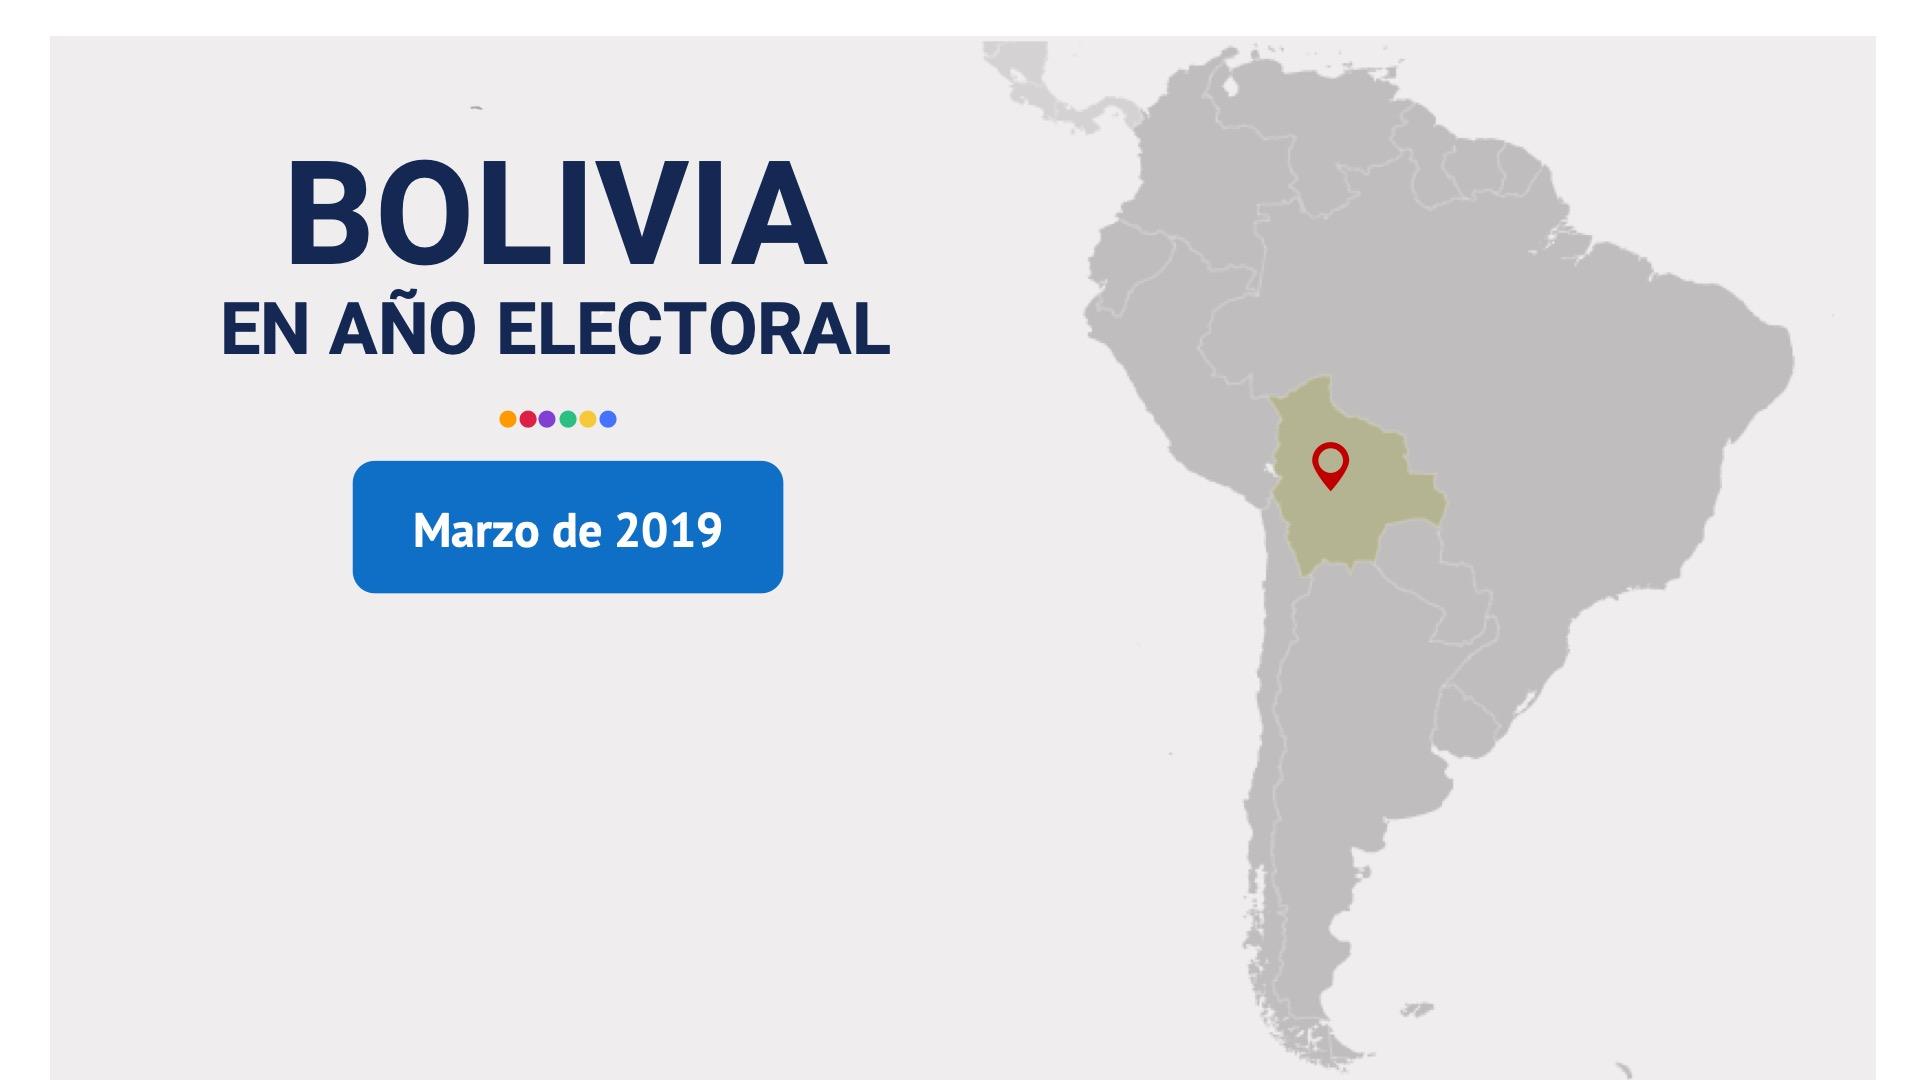 Bolivia elige: estudio cuantitativo de opinión (Marzo 2019)